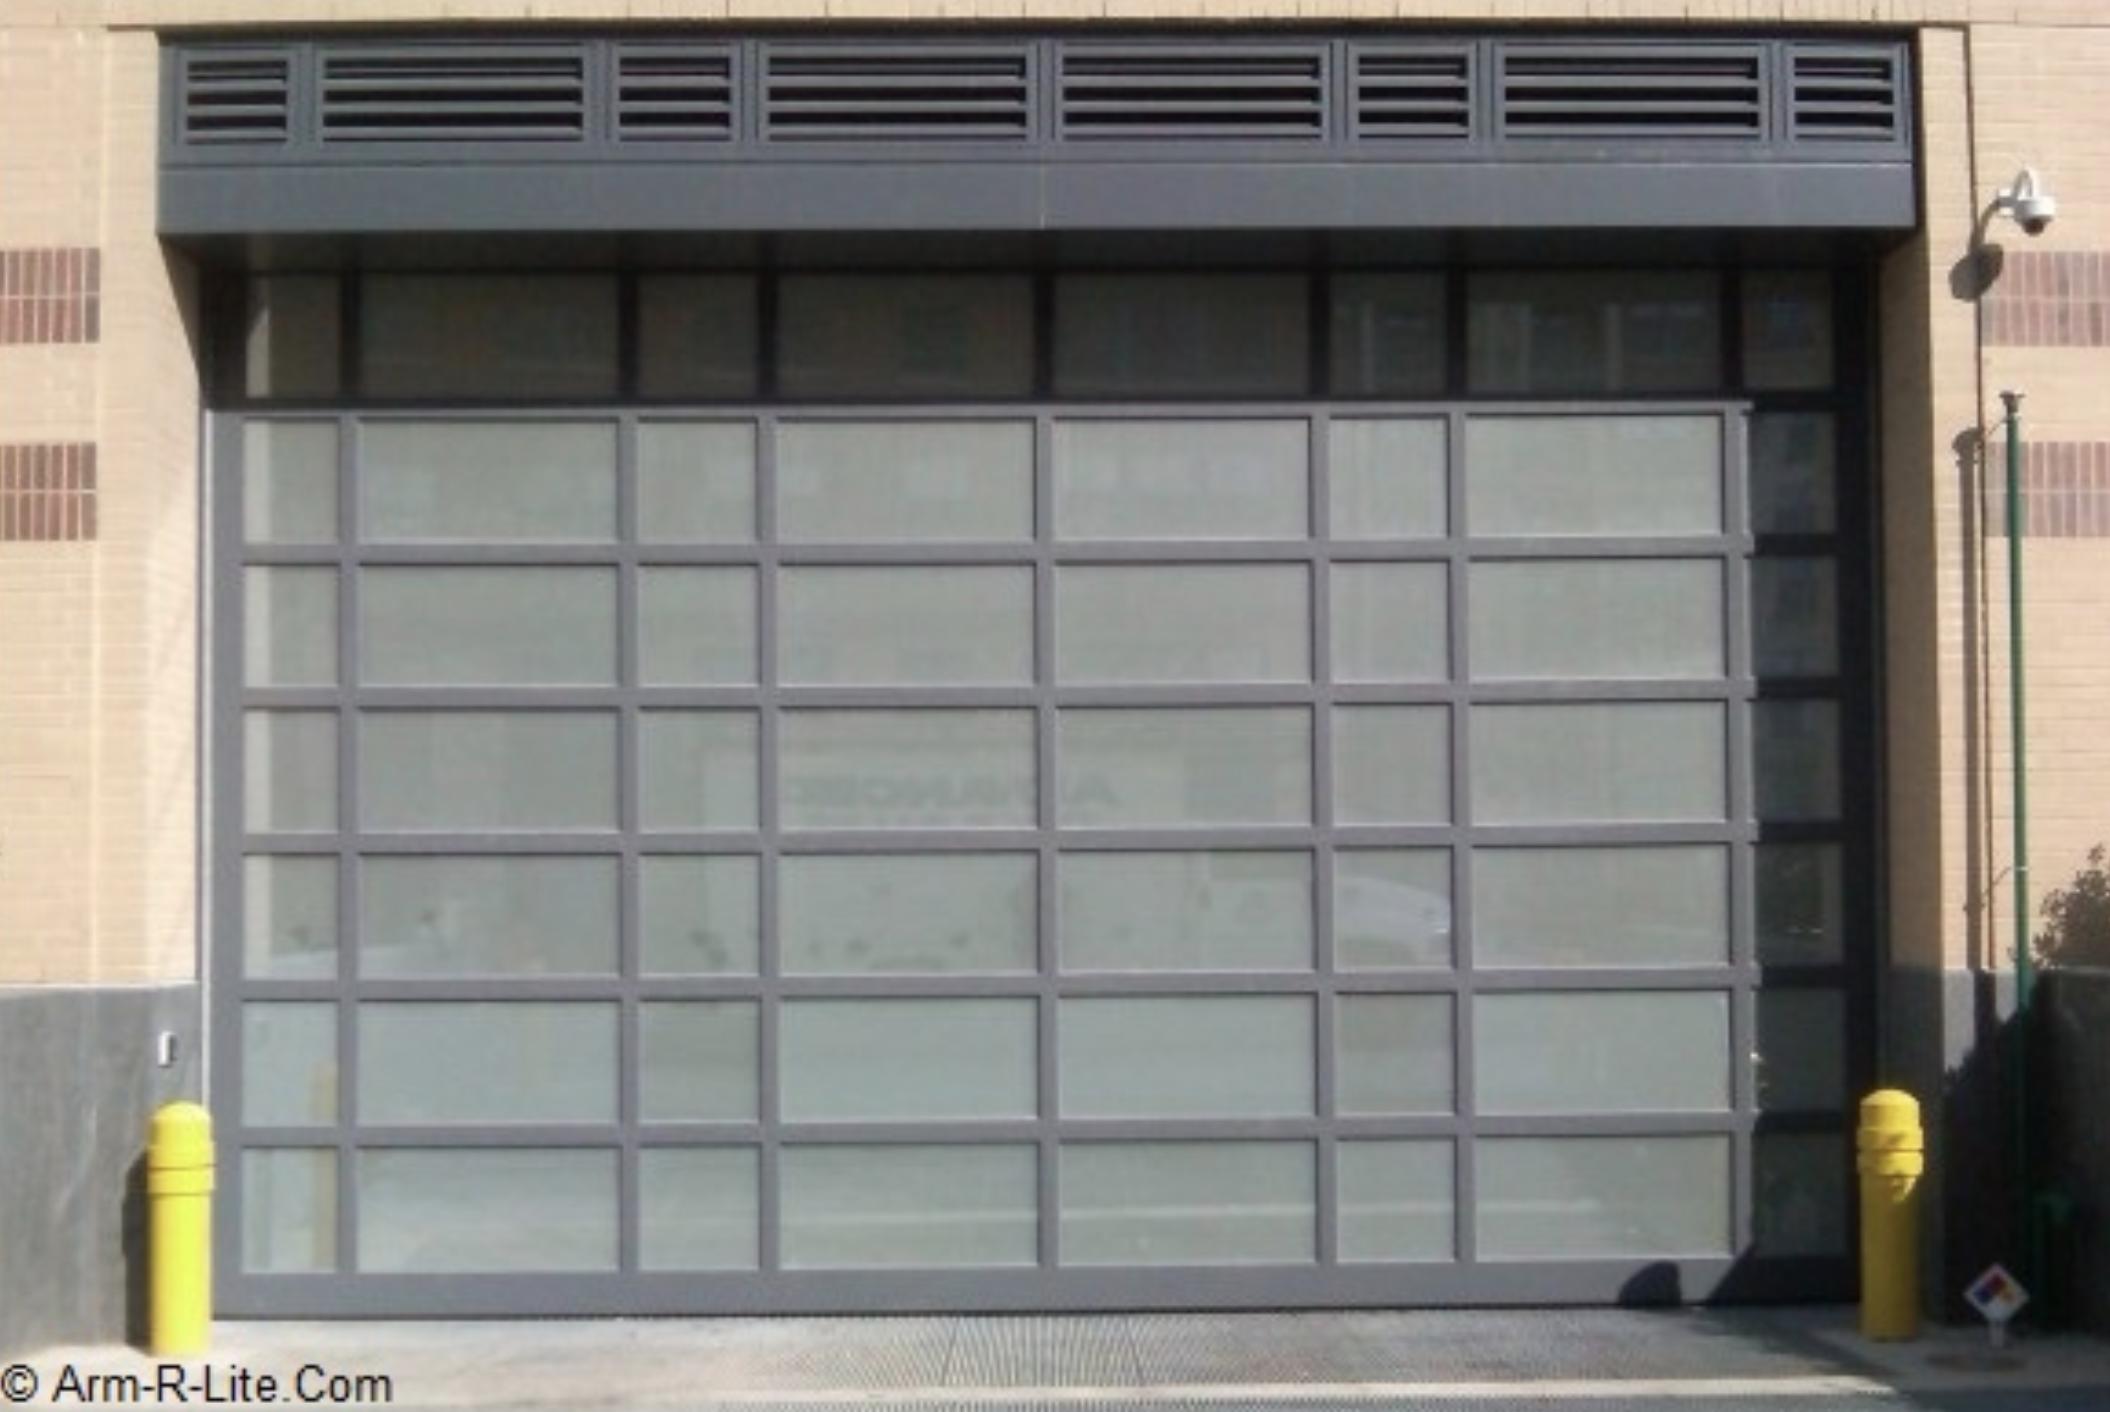 Overhead Sectional Garage Doors Arm R Lite Garage Door Manufacturer Sectional Garage Doors Garage Door Manufacturers Garage Doors